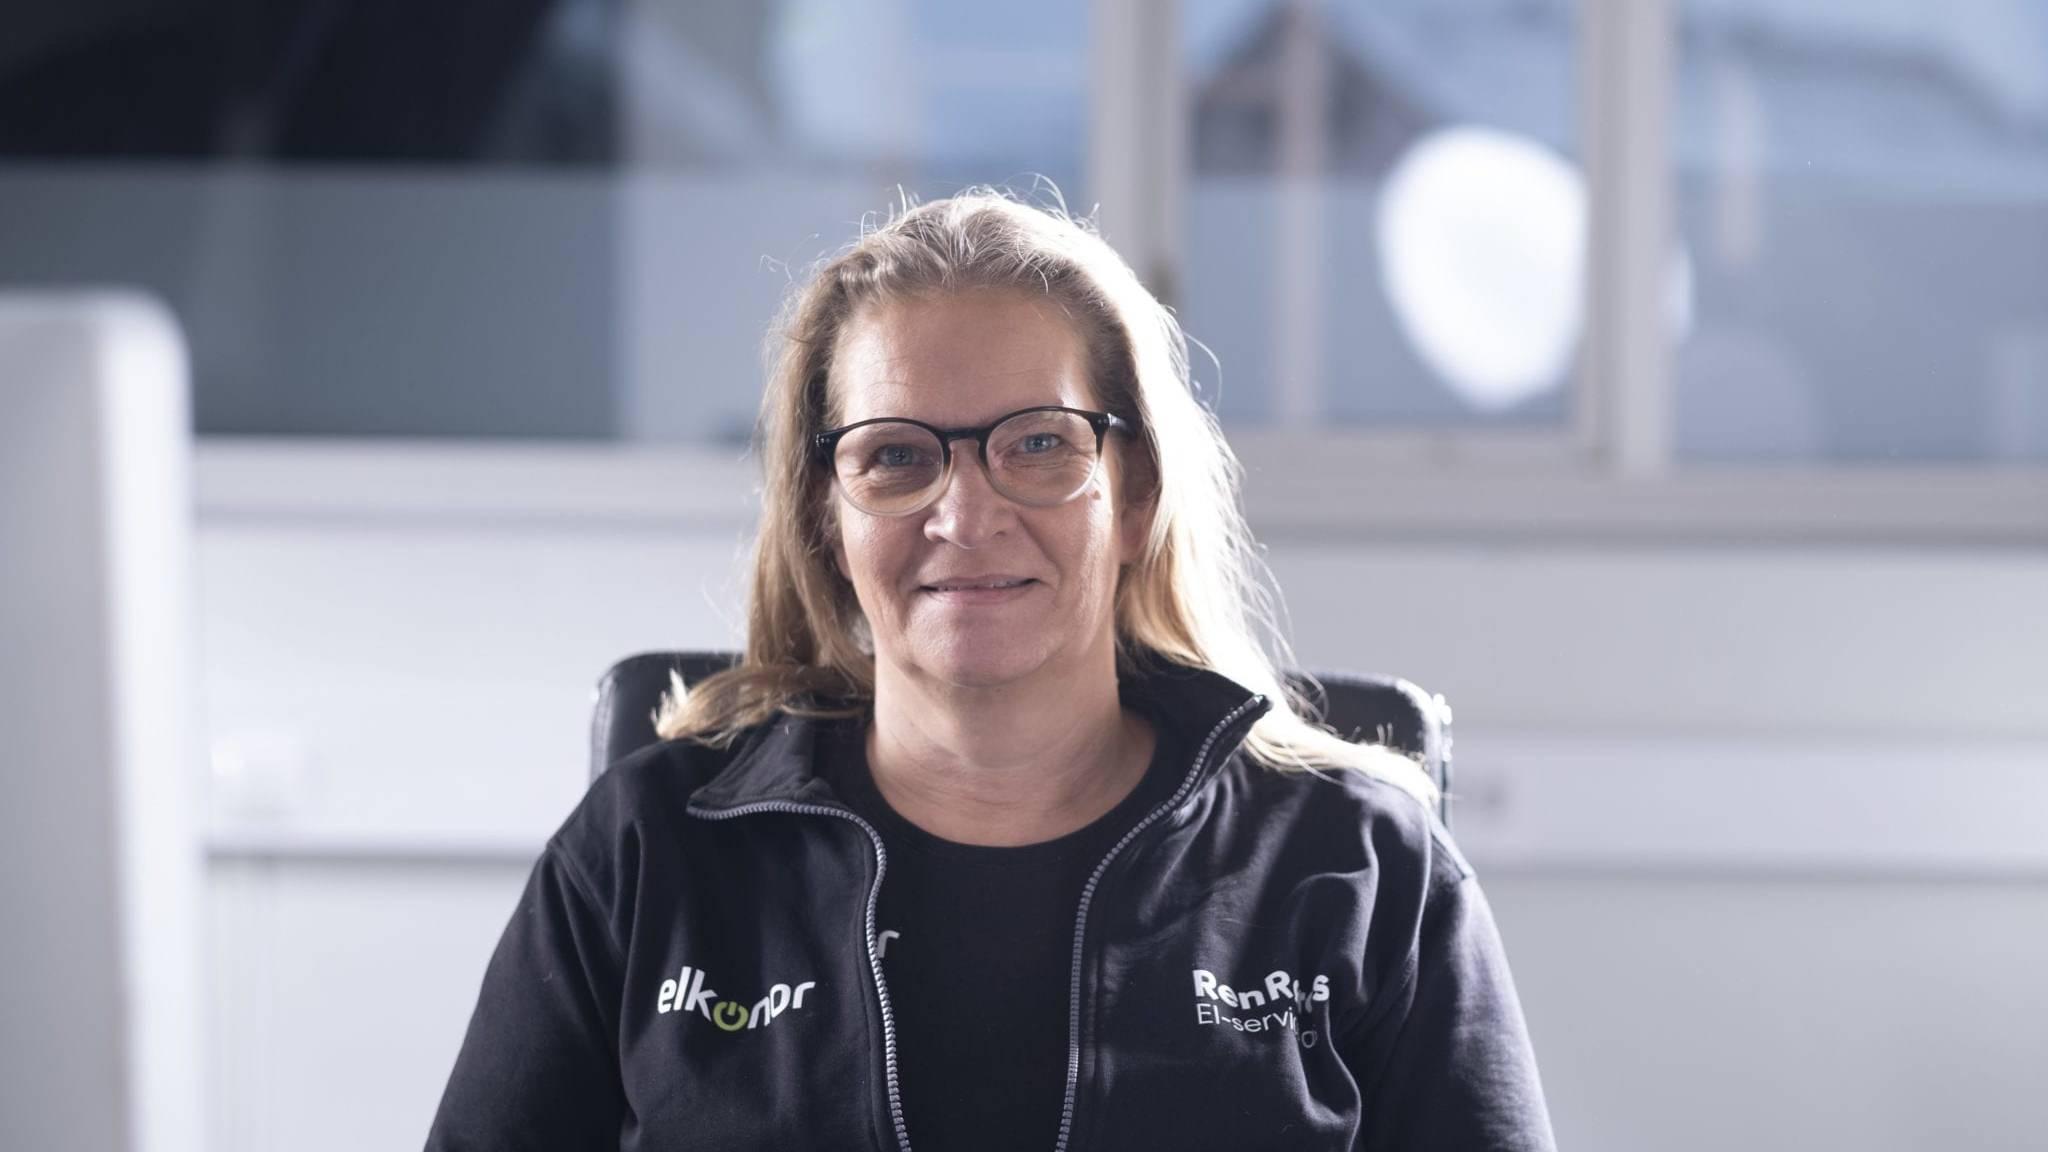 Elektroinstallatør Inger Lise Bekkos Dahl er daglig leder for Ren Røros El-service as. Hun har vært ansatt i Røros E-Verk / Ren Røros i 25 år, og tok over ledelsen av de drøyt 20 ansatte i El-service tidligere i år. Foto: Ren Røros Frontal.